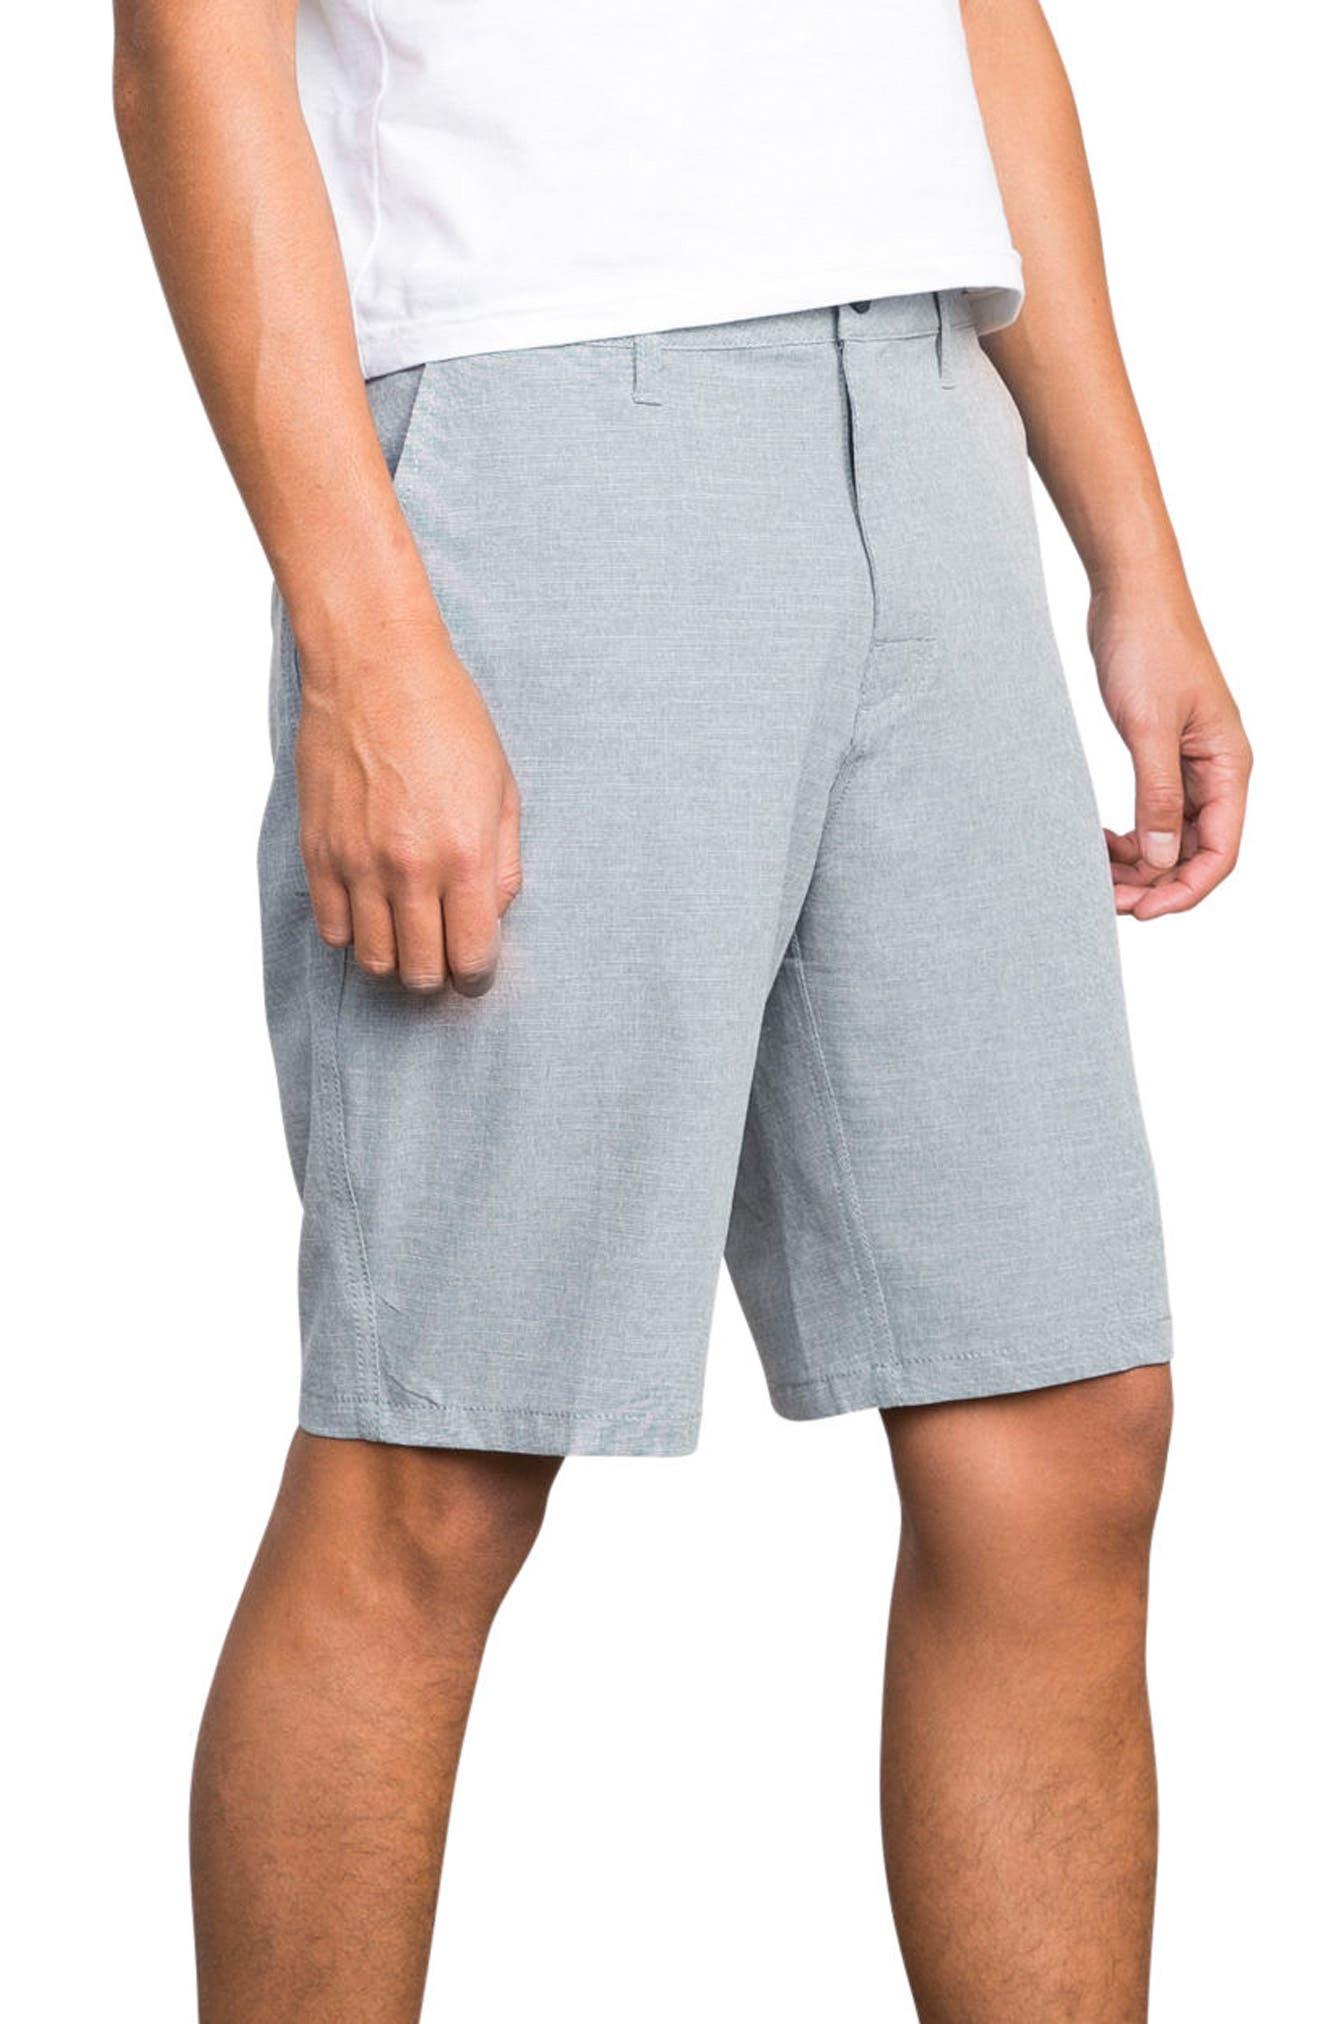 Balance Hybrid Shorts,                             Main thumbnail 1, color,                             415